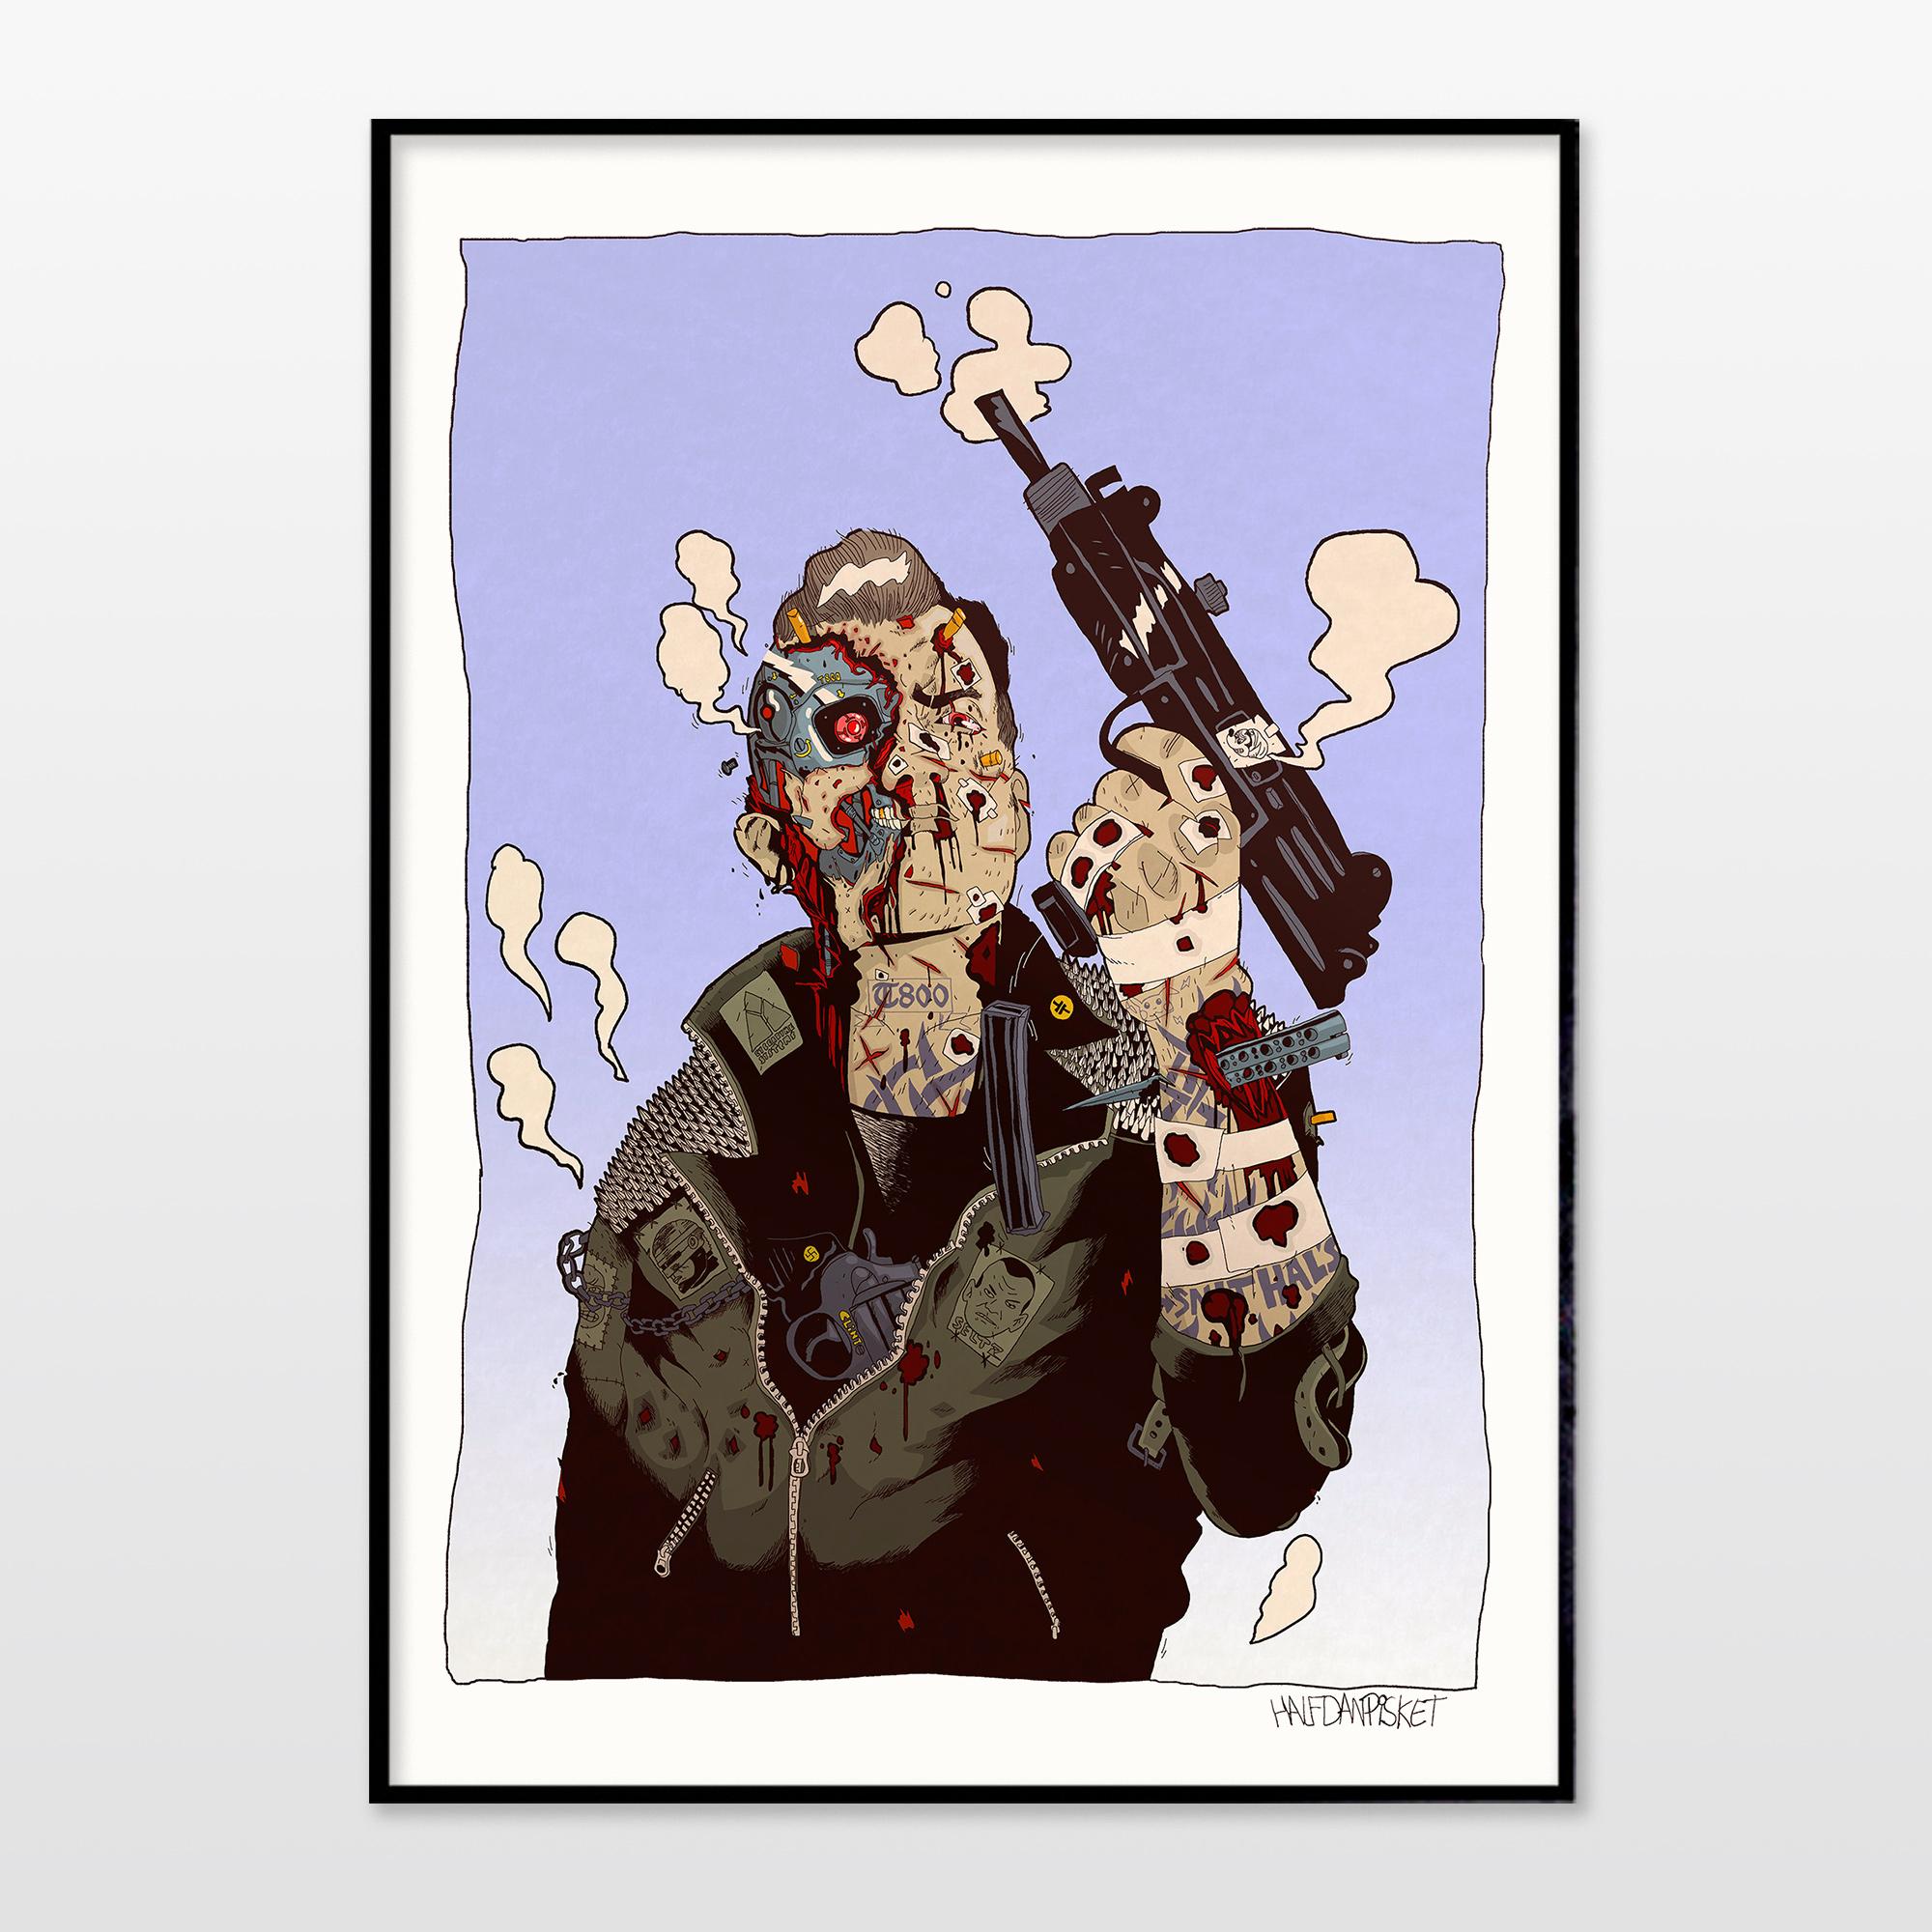 plakater-posters-kunsttryk, giclee-tryk, illustrative, portræt, surrealistiske, tegneserier, mennesker, videnskab, beige, sorte, blå, blæk, papir, sjove, samtidskunst, københavn, dansk, dekorative, interiør, bolig-indretning, mænd, moderne, moderne-kunst, nordisk, plakater, tryk, skandinavisk, Køb original kunst og kunstplakater. Malerier, tegninger, limited edition kunsttryk & plakater af dygtige kunstnere.